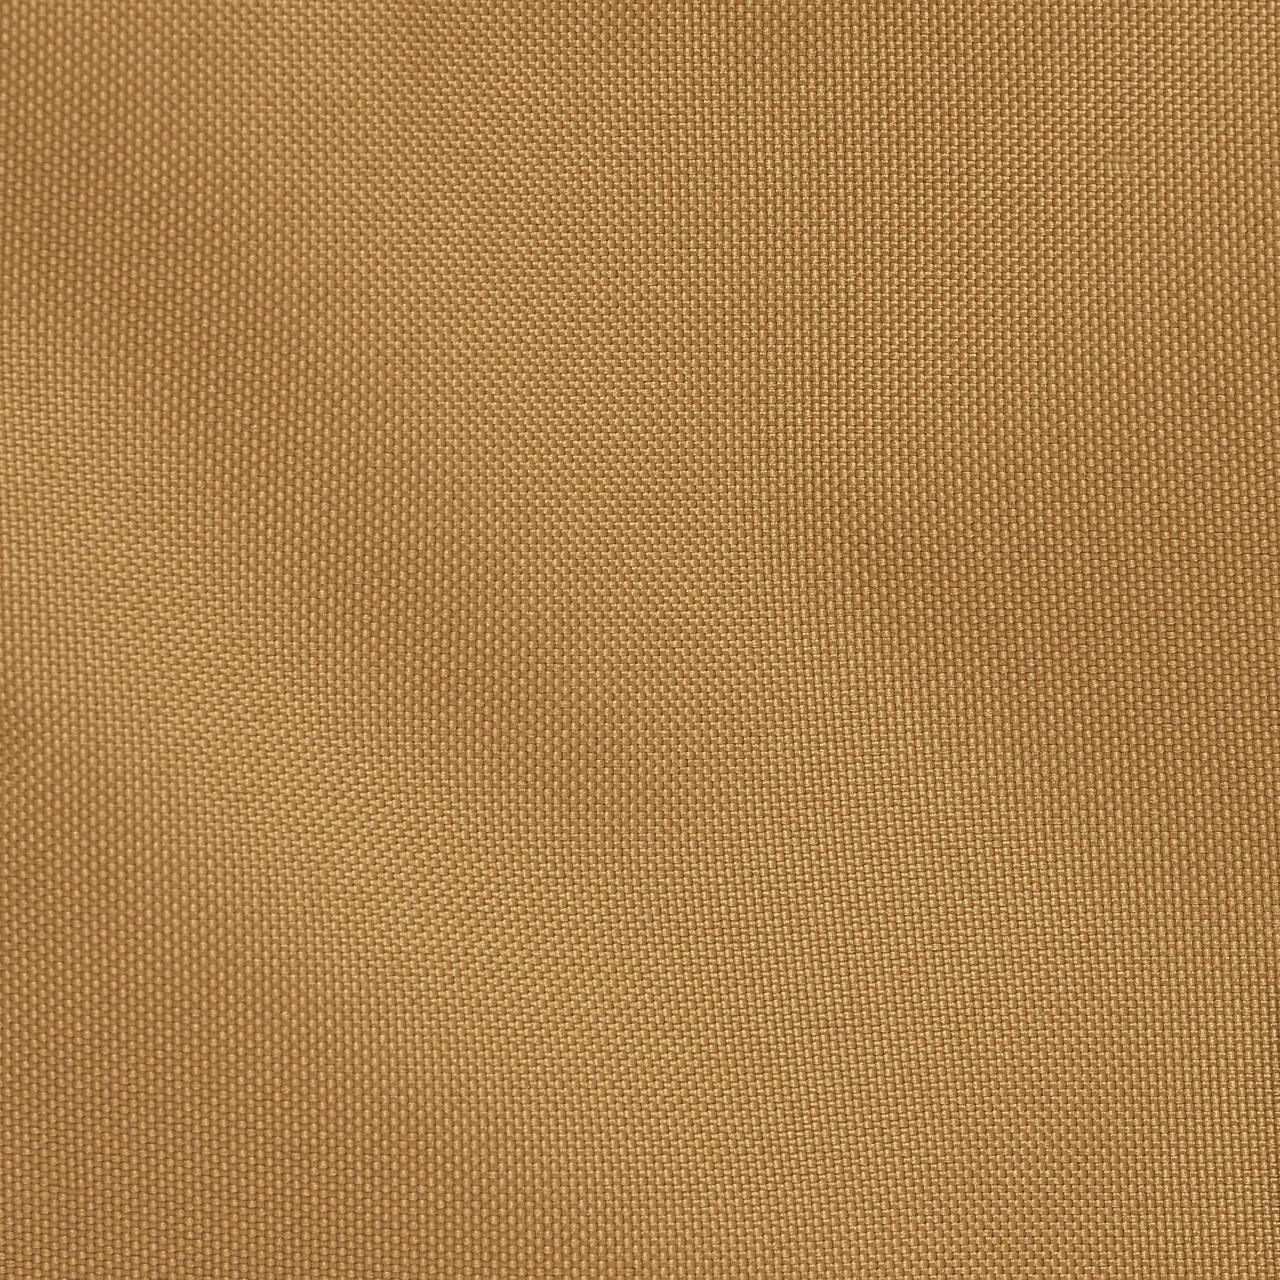 나이키 유틸리티 스피드 트레이닝 백팩 CK2668-790